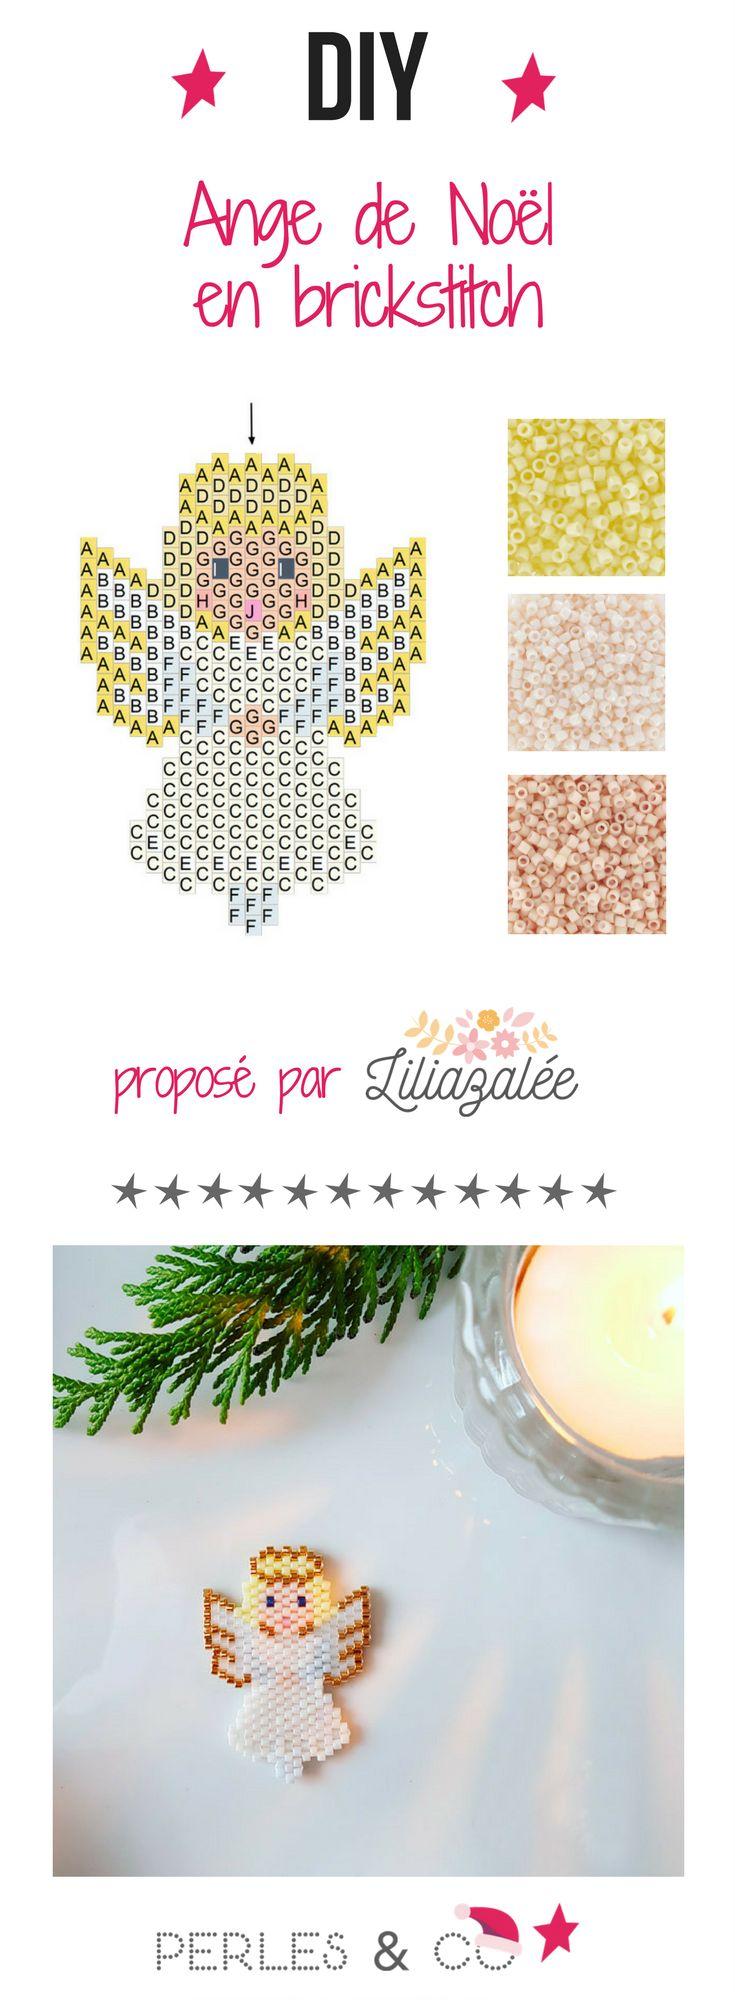 Un petit ange de Noel passe dans le ciel ! Quelques perles Miyuki Delicas 11/0, du fil et une aiguille, une grille de tissage et hop, le tour est joué ! Vous tissez en brick stitch ce joli ange de Lili Azalée.